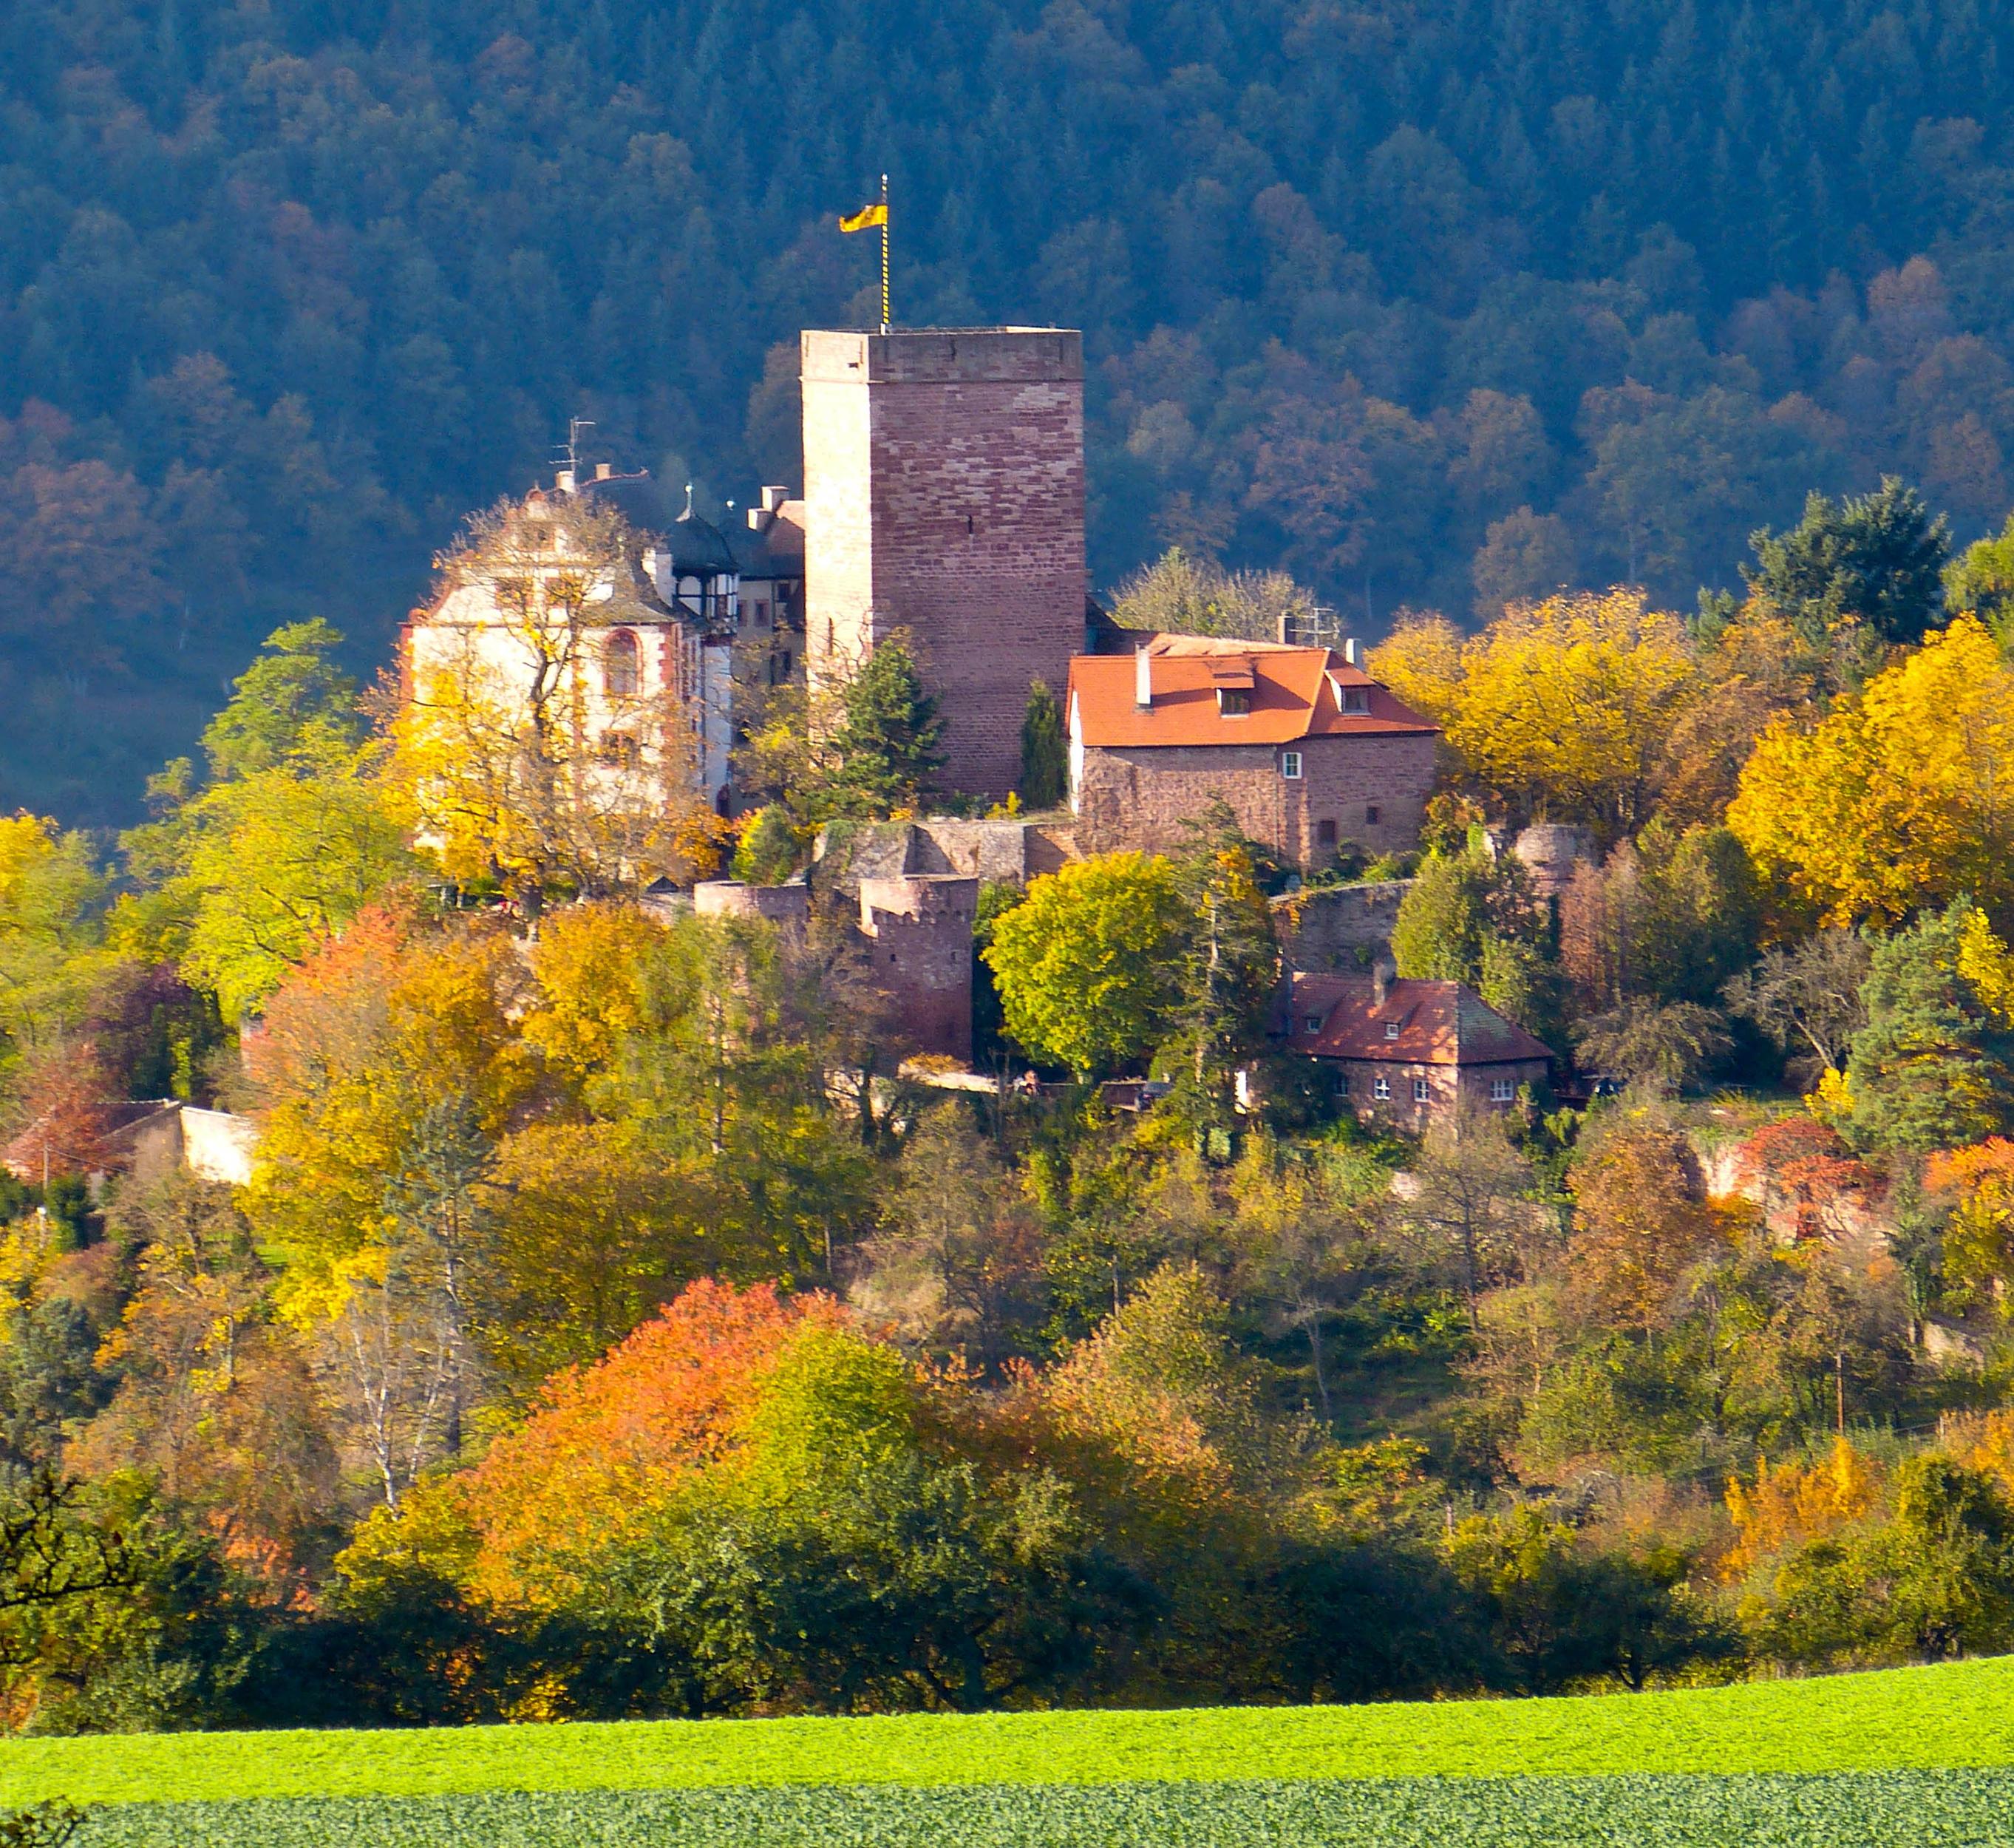 22 November 2019 Swr Sendung Expedition In Die Heimat Auf Der Gamburg Burg Burgpark Gamburg Ob Der Tauber Offizielle Seite